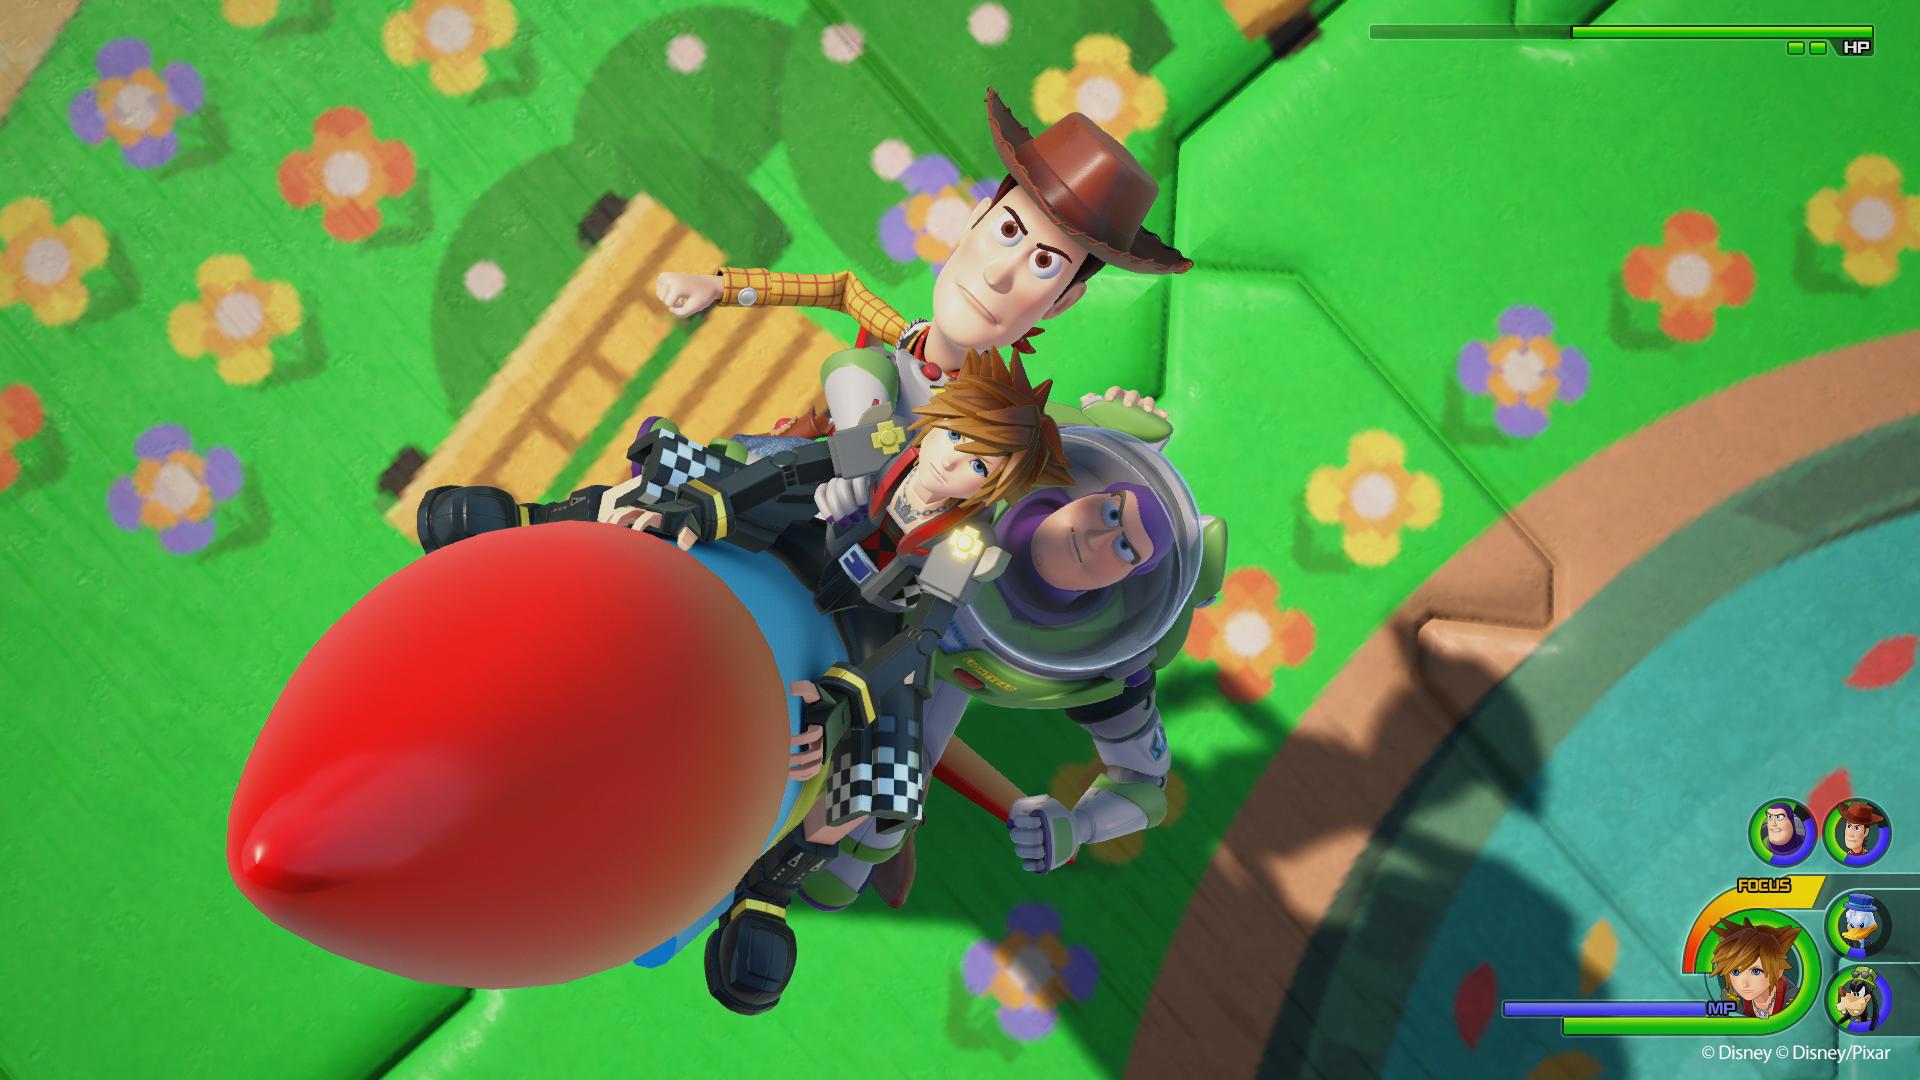 use Square Enix ist ohne Zweifel eines der most wanted Rollenspiele überhaupt. Auch wir konnten es nicht erwarten, endlich selbst Hand an das Abenteuer von Sora seinen Freunden zu legen. Was wir dabei erlebten, lest ihr direkt hier.